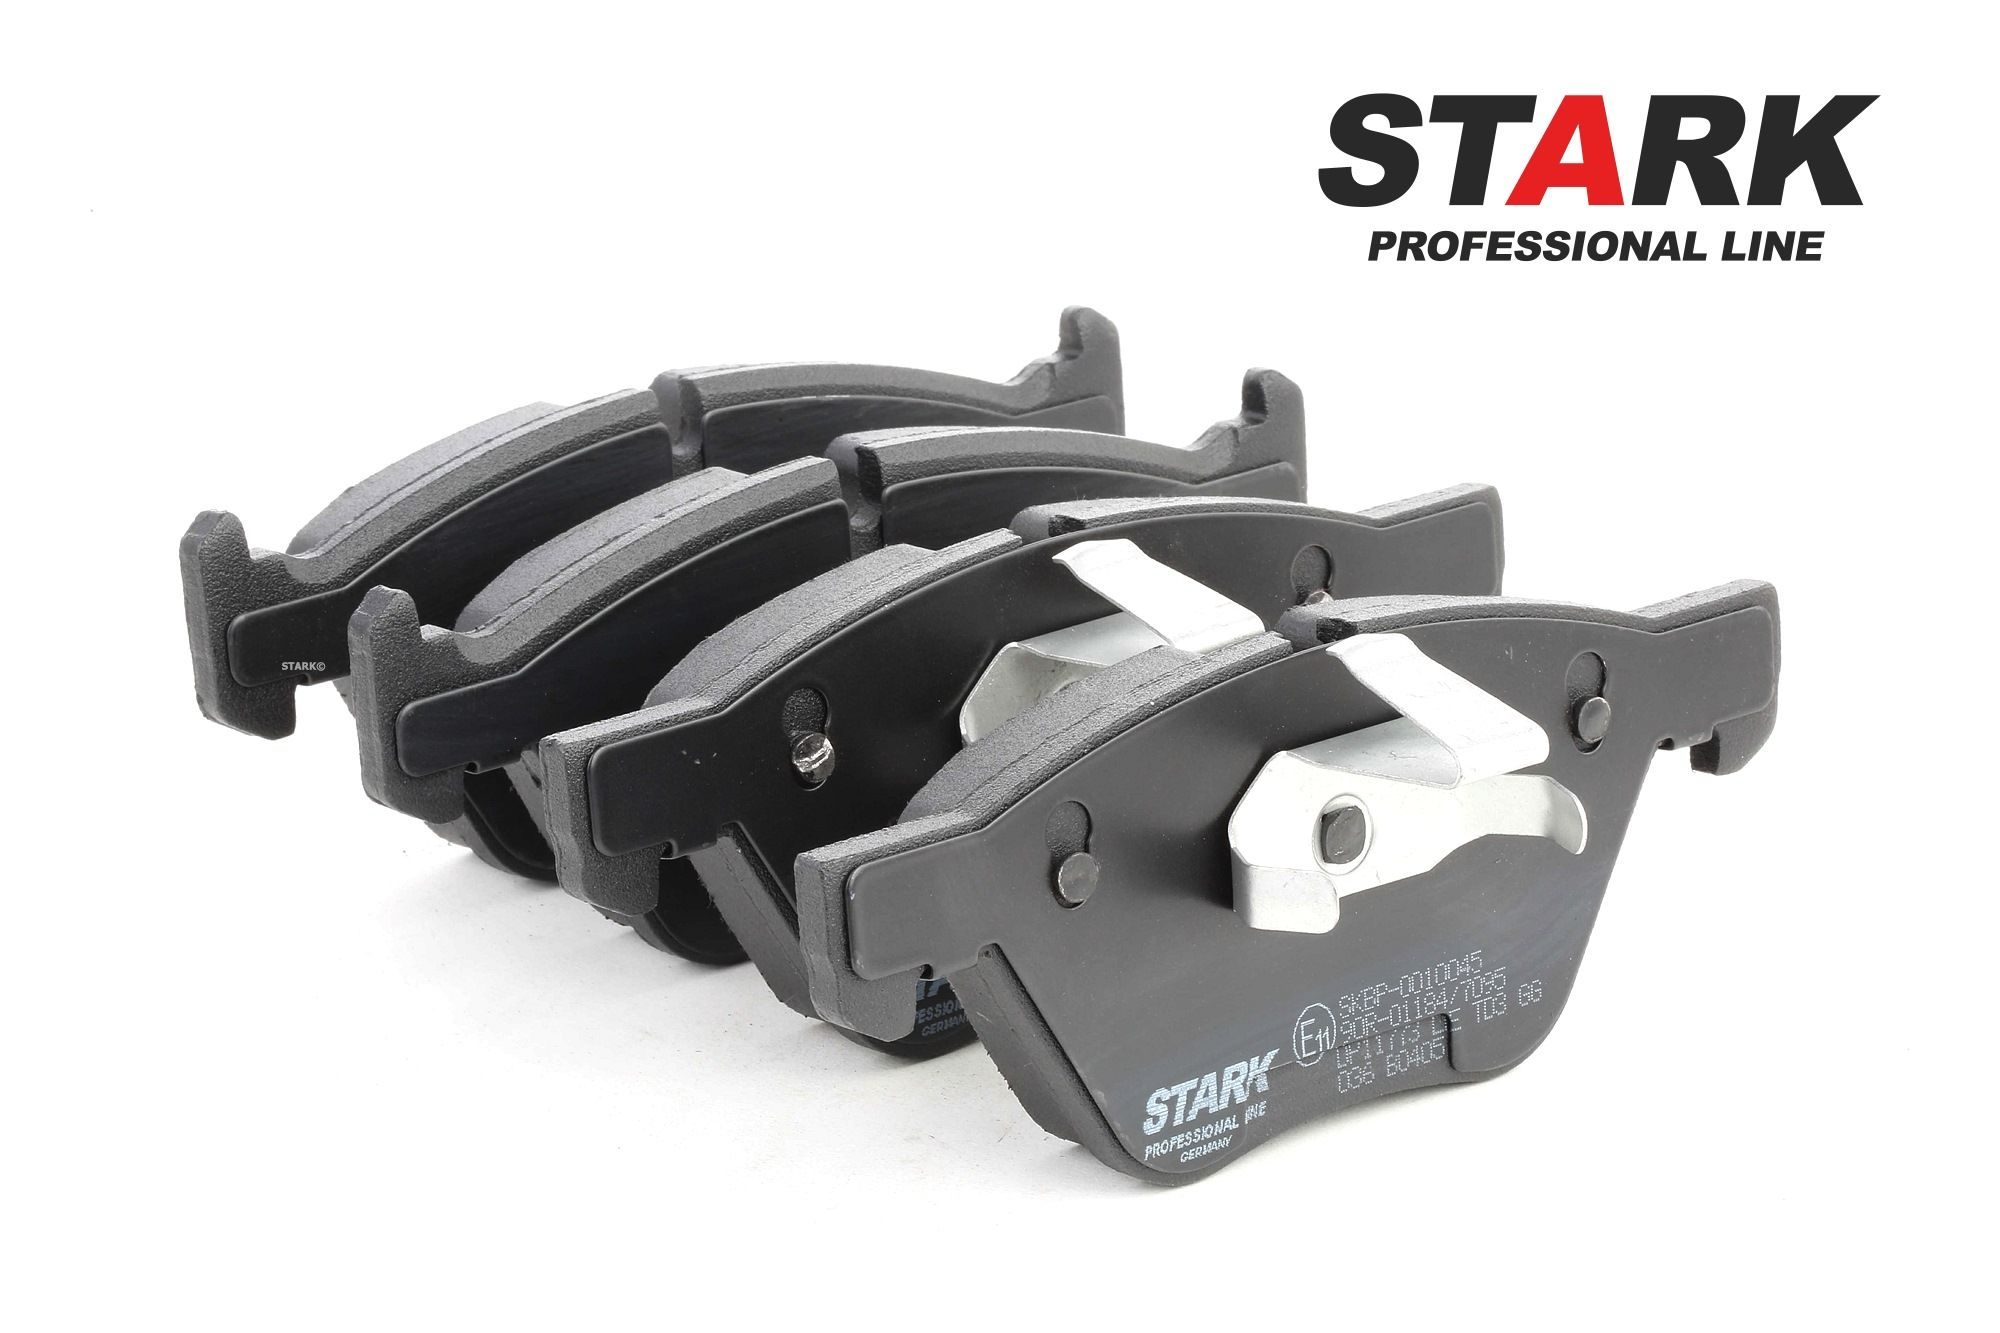 SKBP-0010045 STARK Bremsbelagsatz, Scheibenbremse - online kaufen